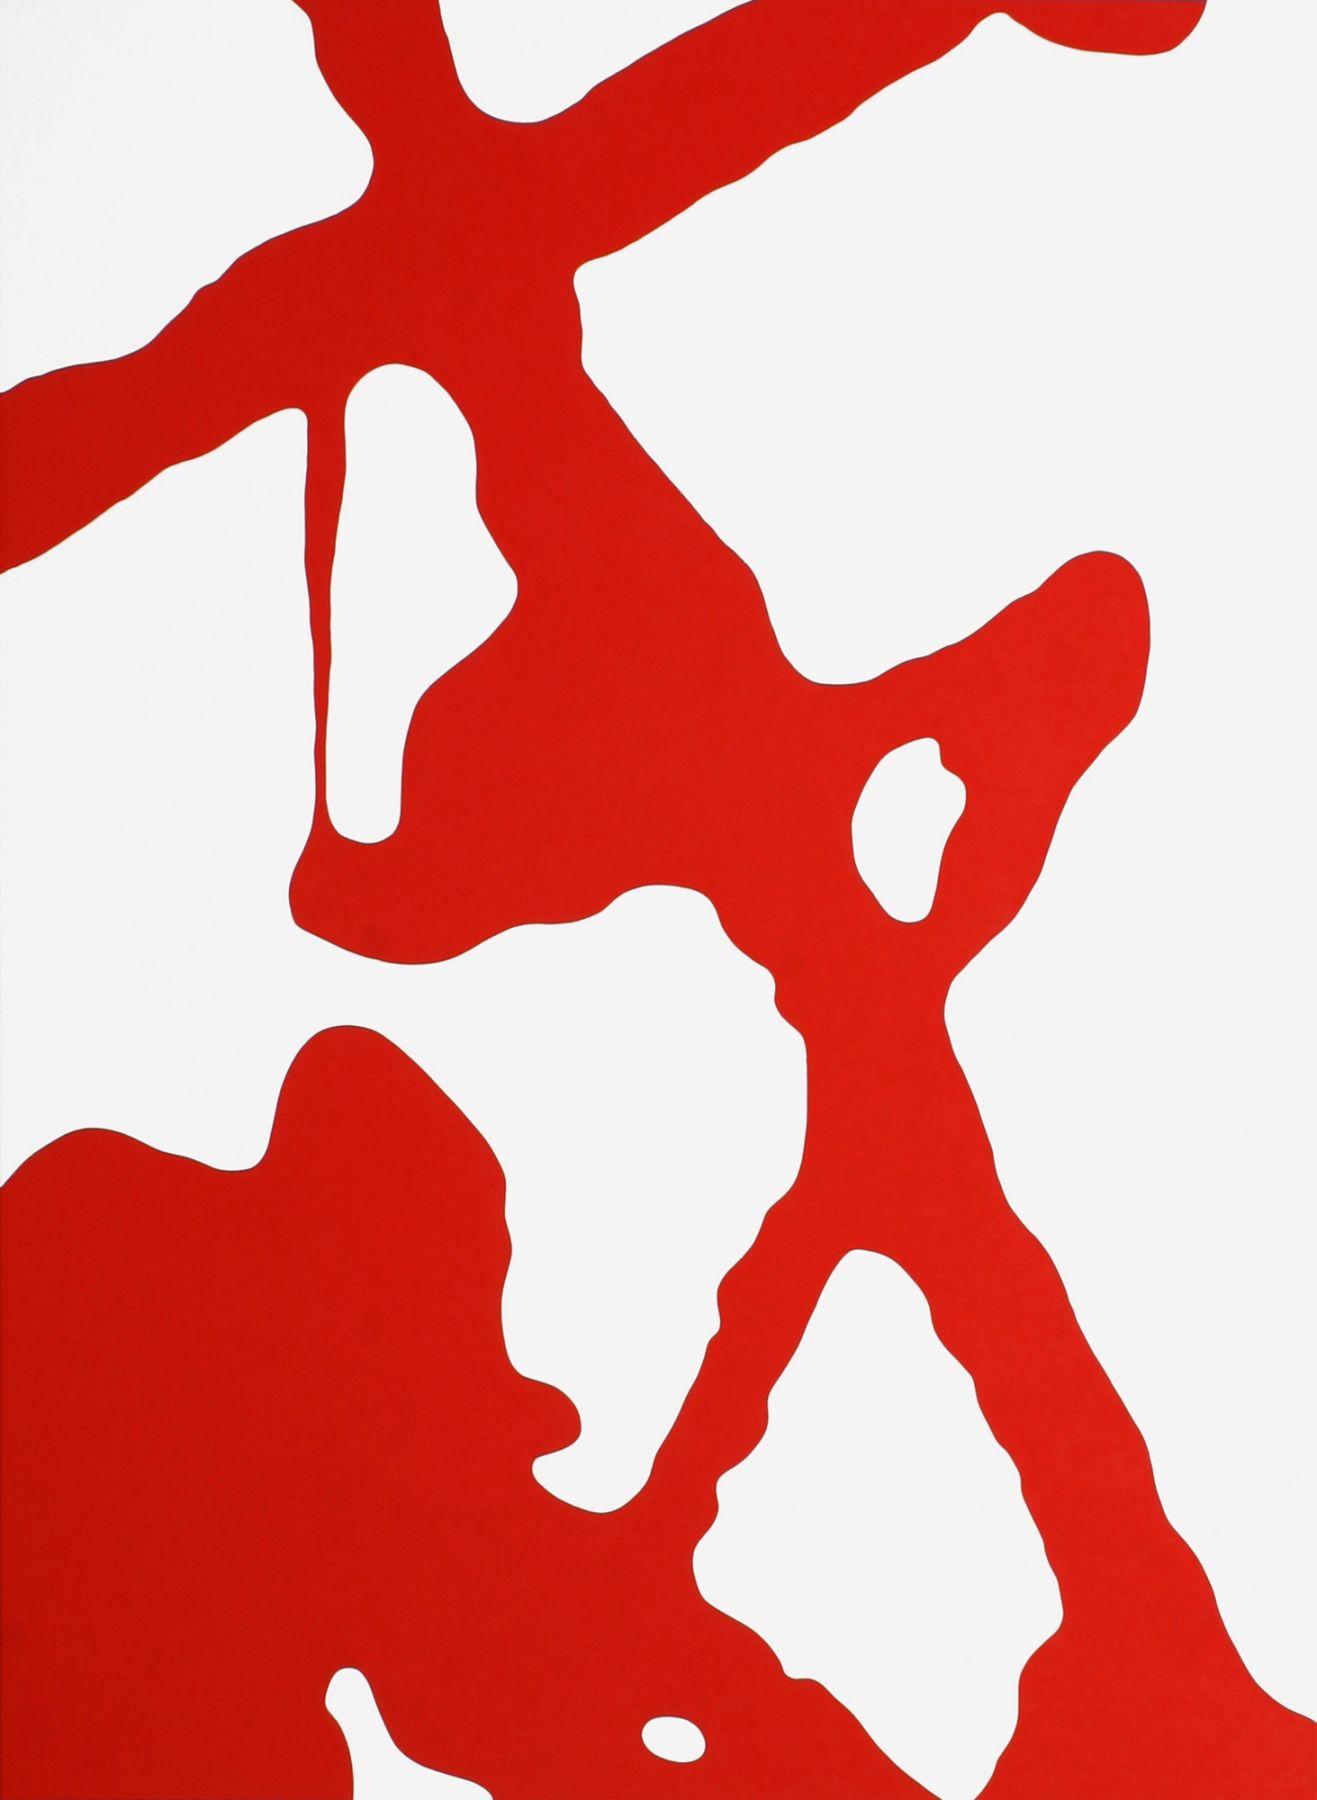 Study Pollock IV/IV, 2006, Oil on canvas